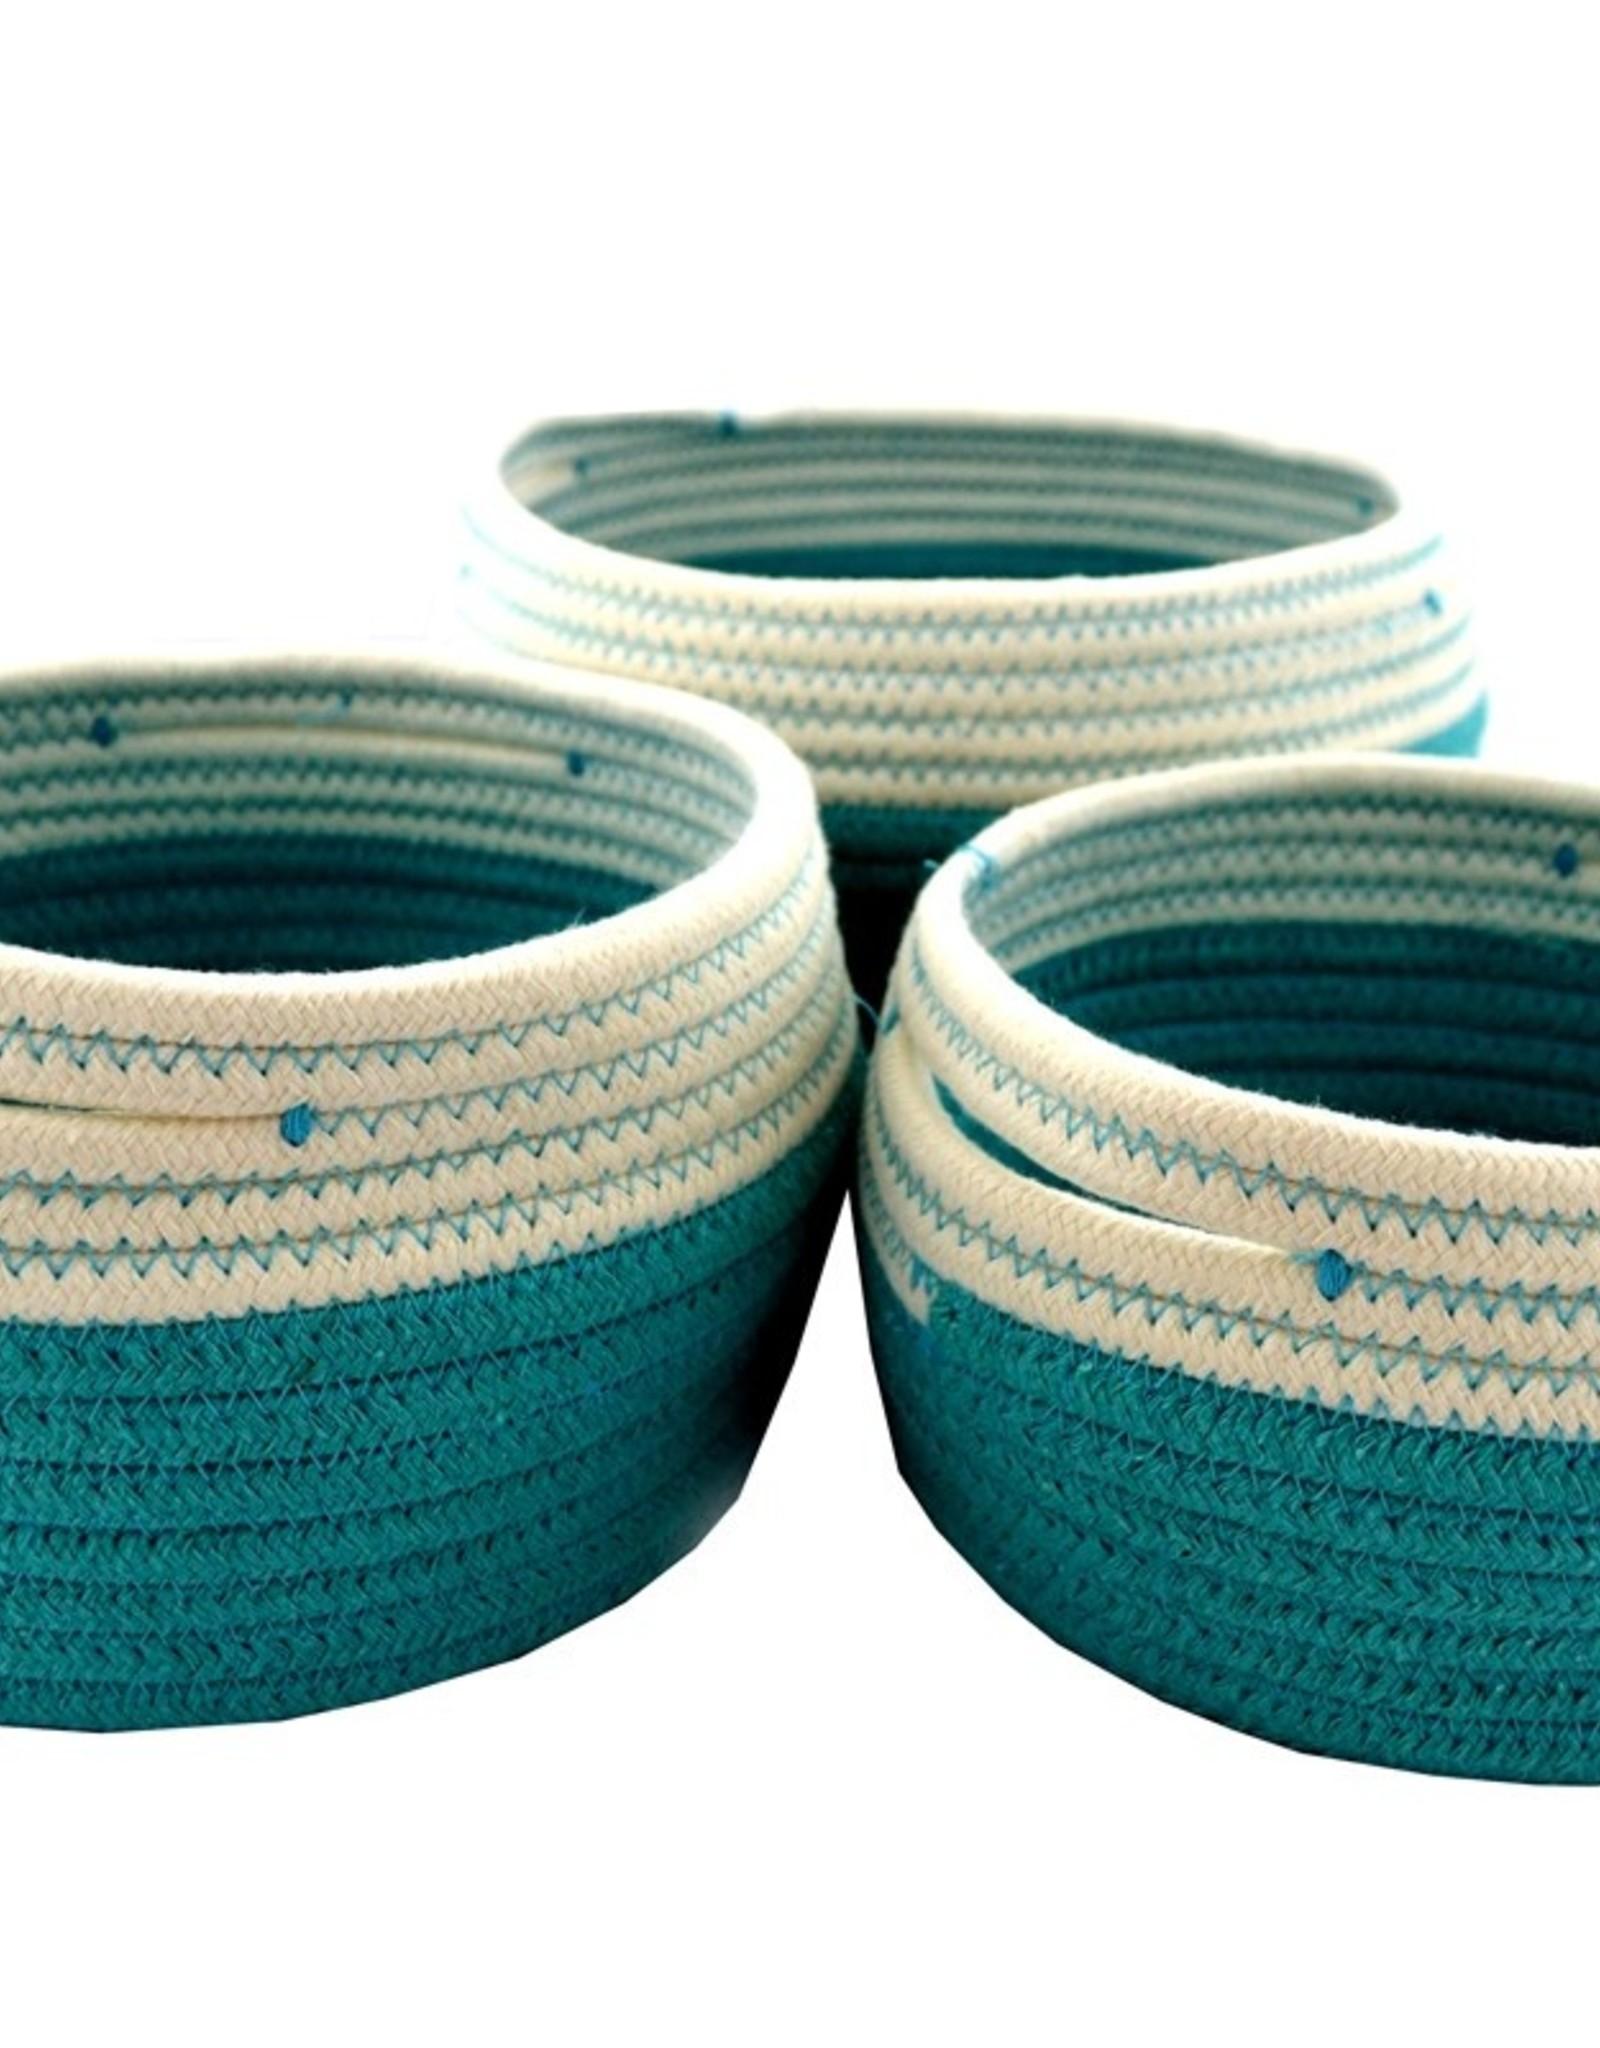 Nostalgia Basket Nostalgia Storage Turquoise Large 709-084